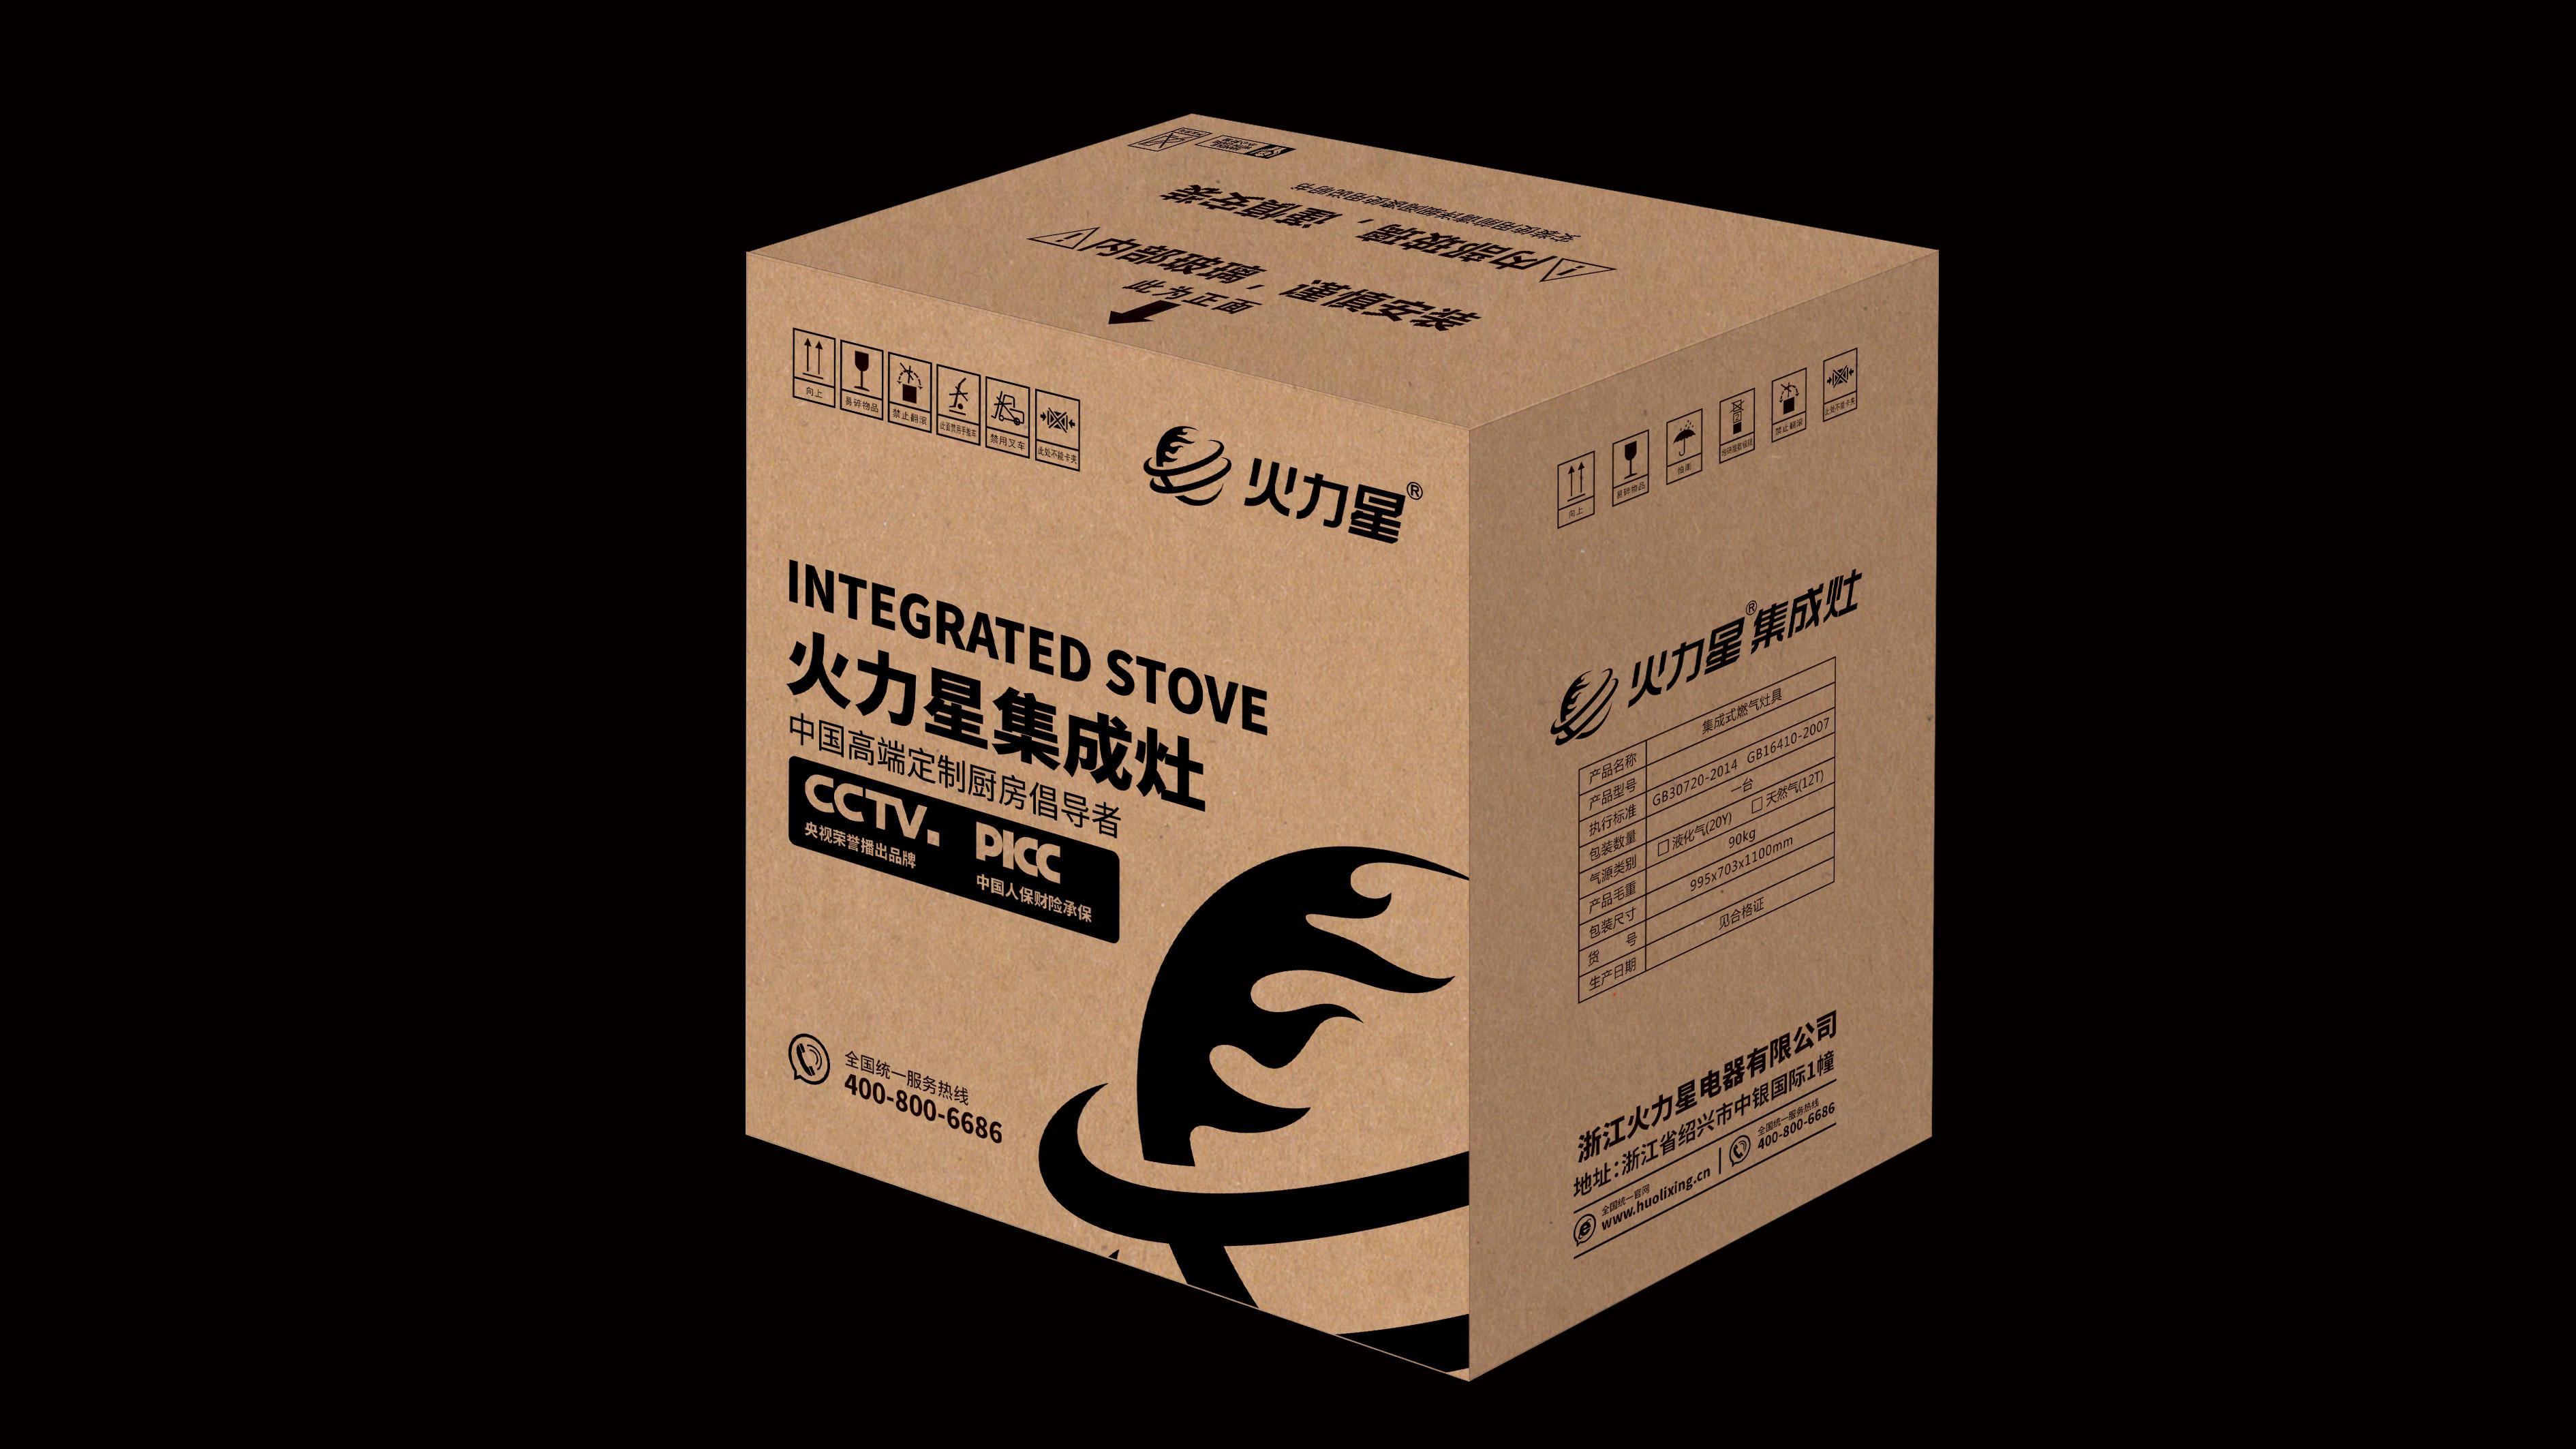 火力星集成灶包装设计